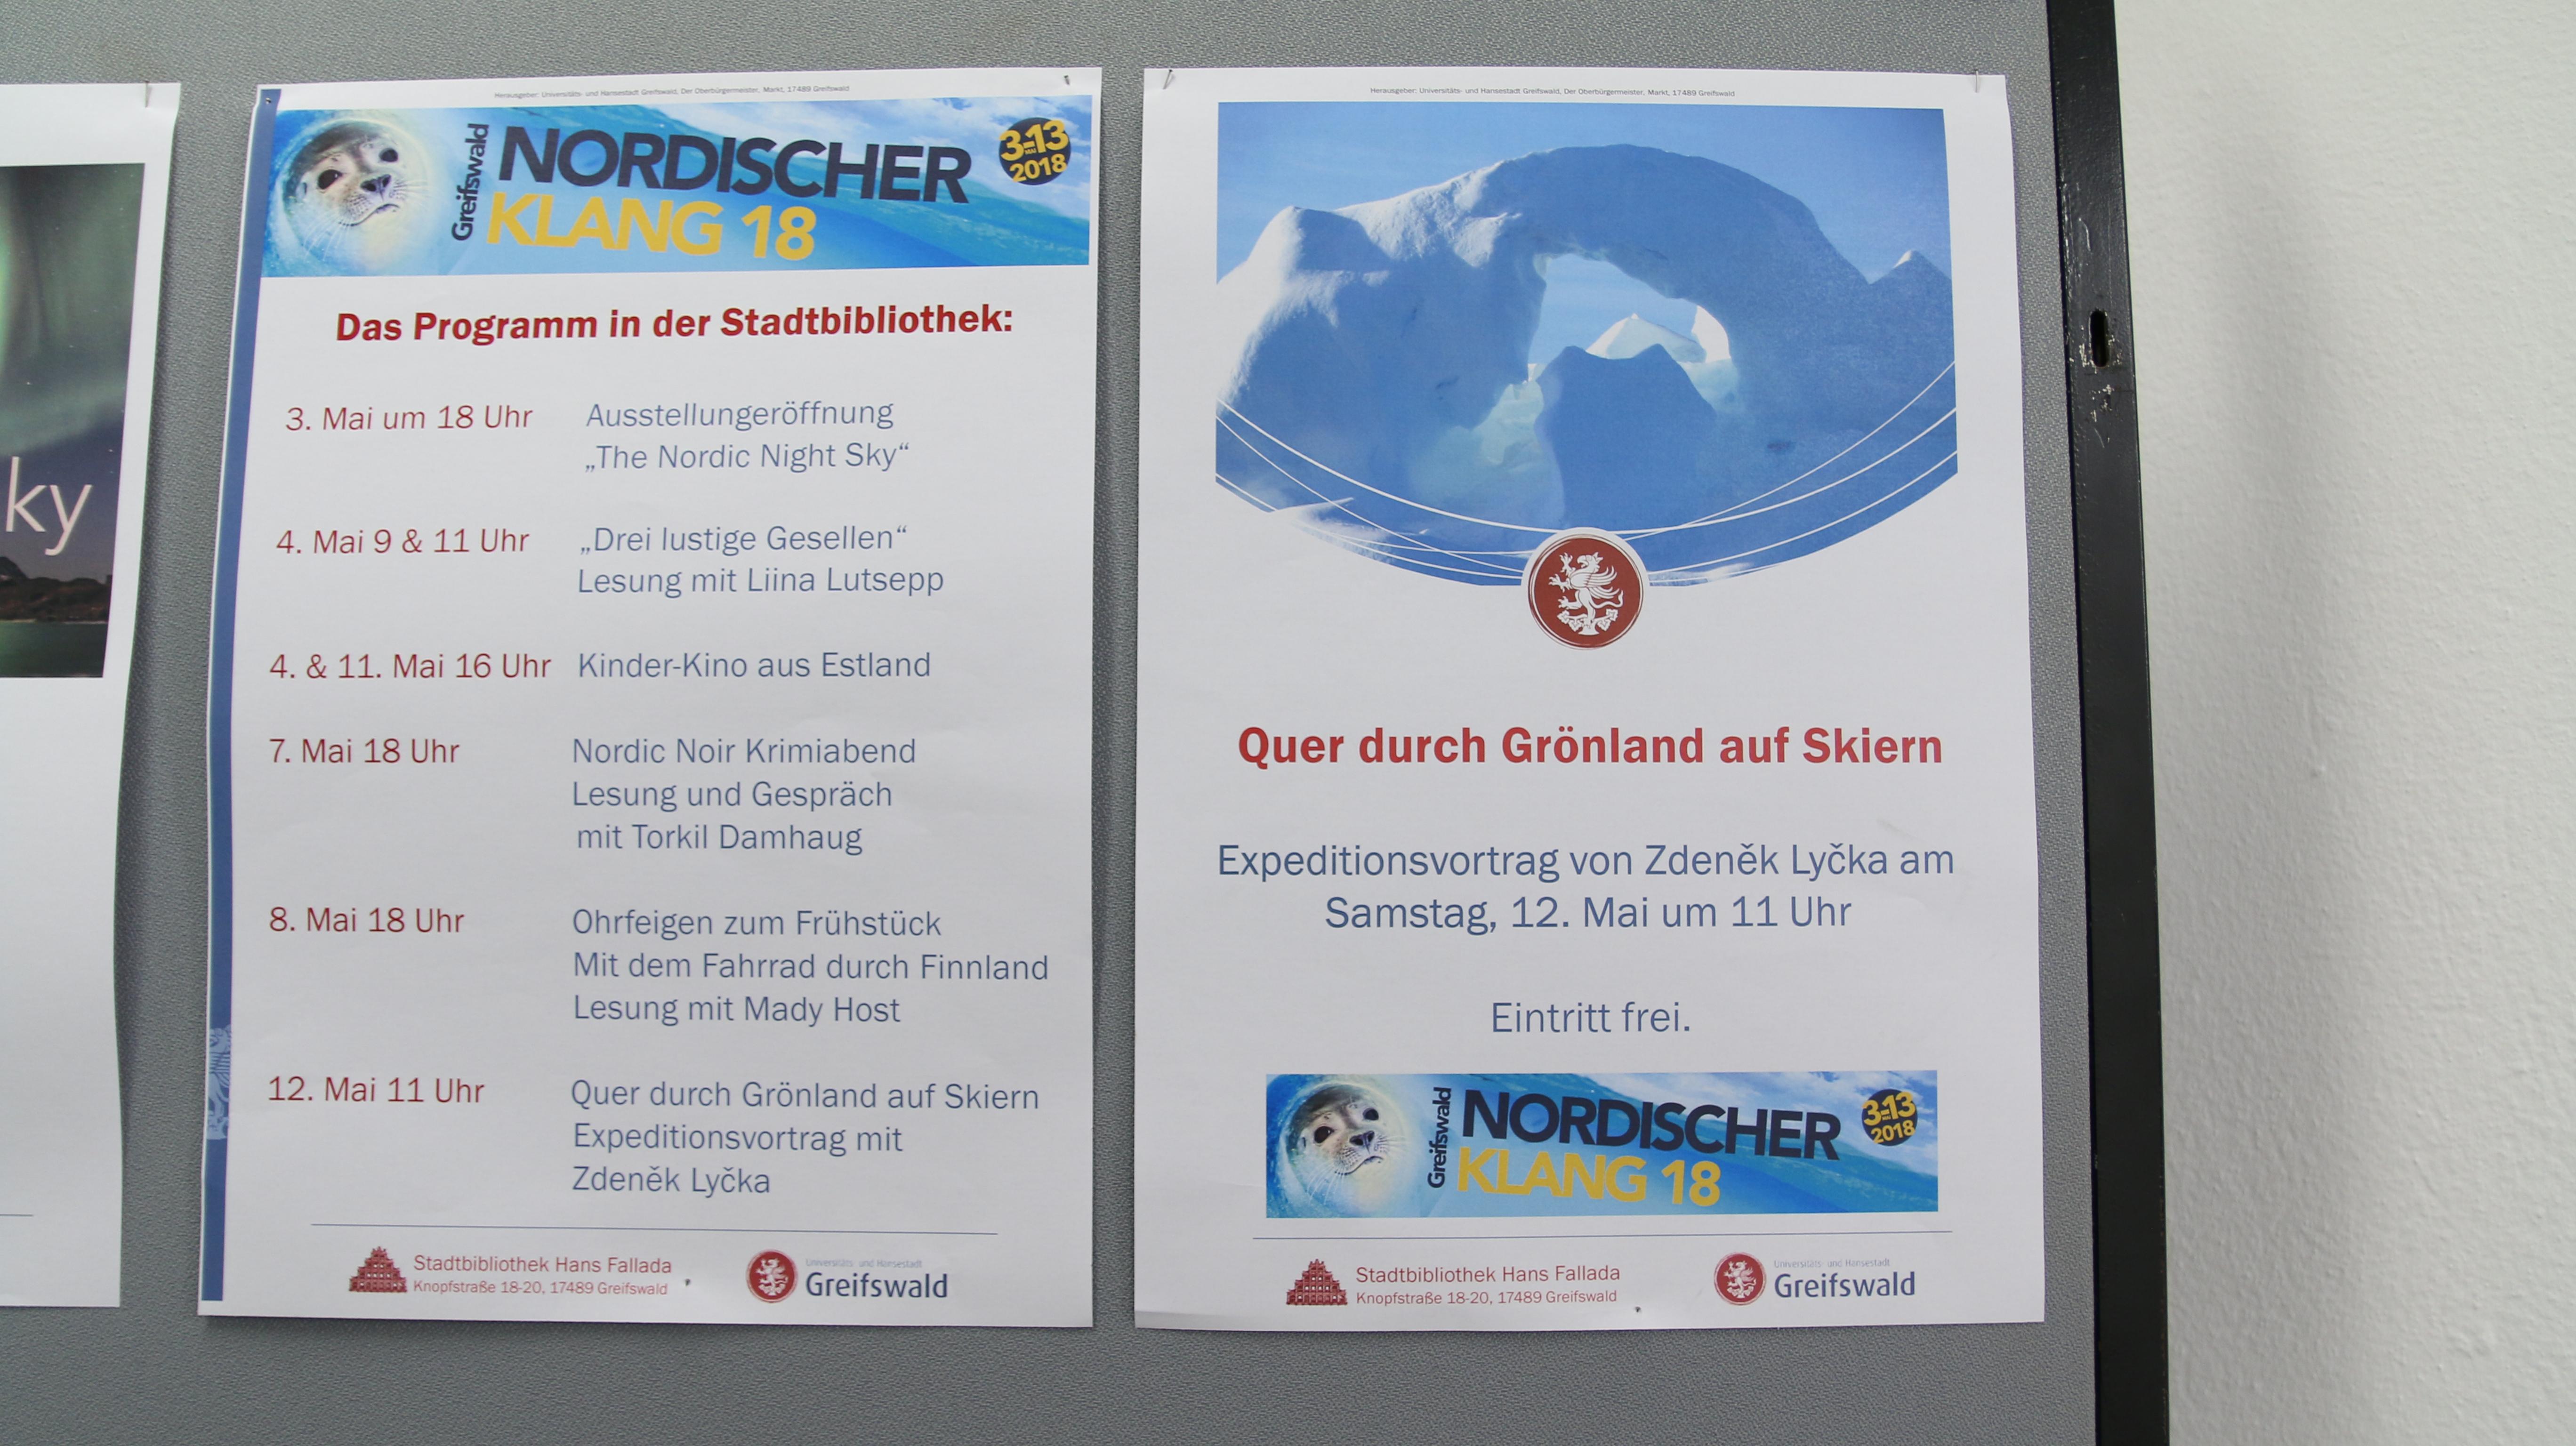 Nordischer Klang: Quer durch Grönland auf Skiern